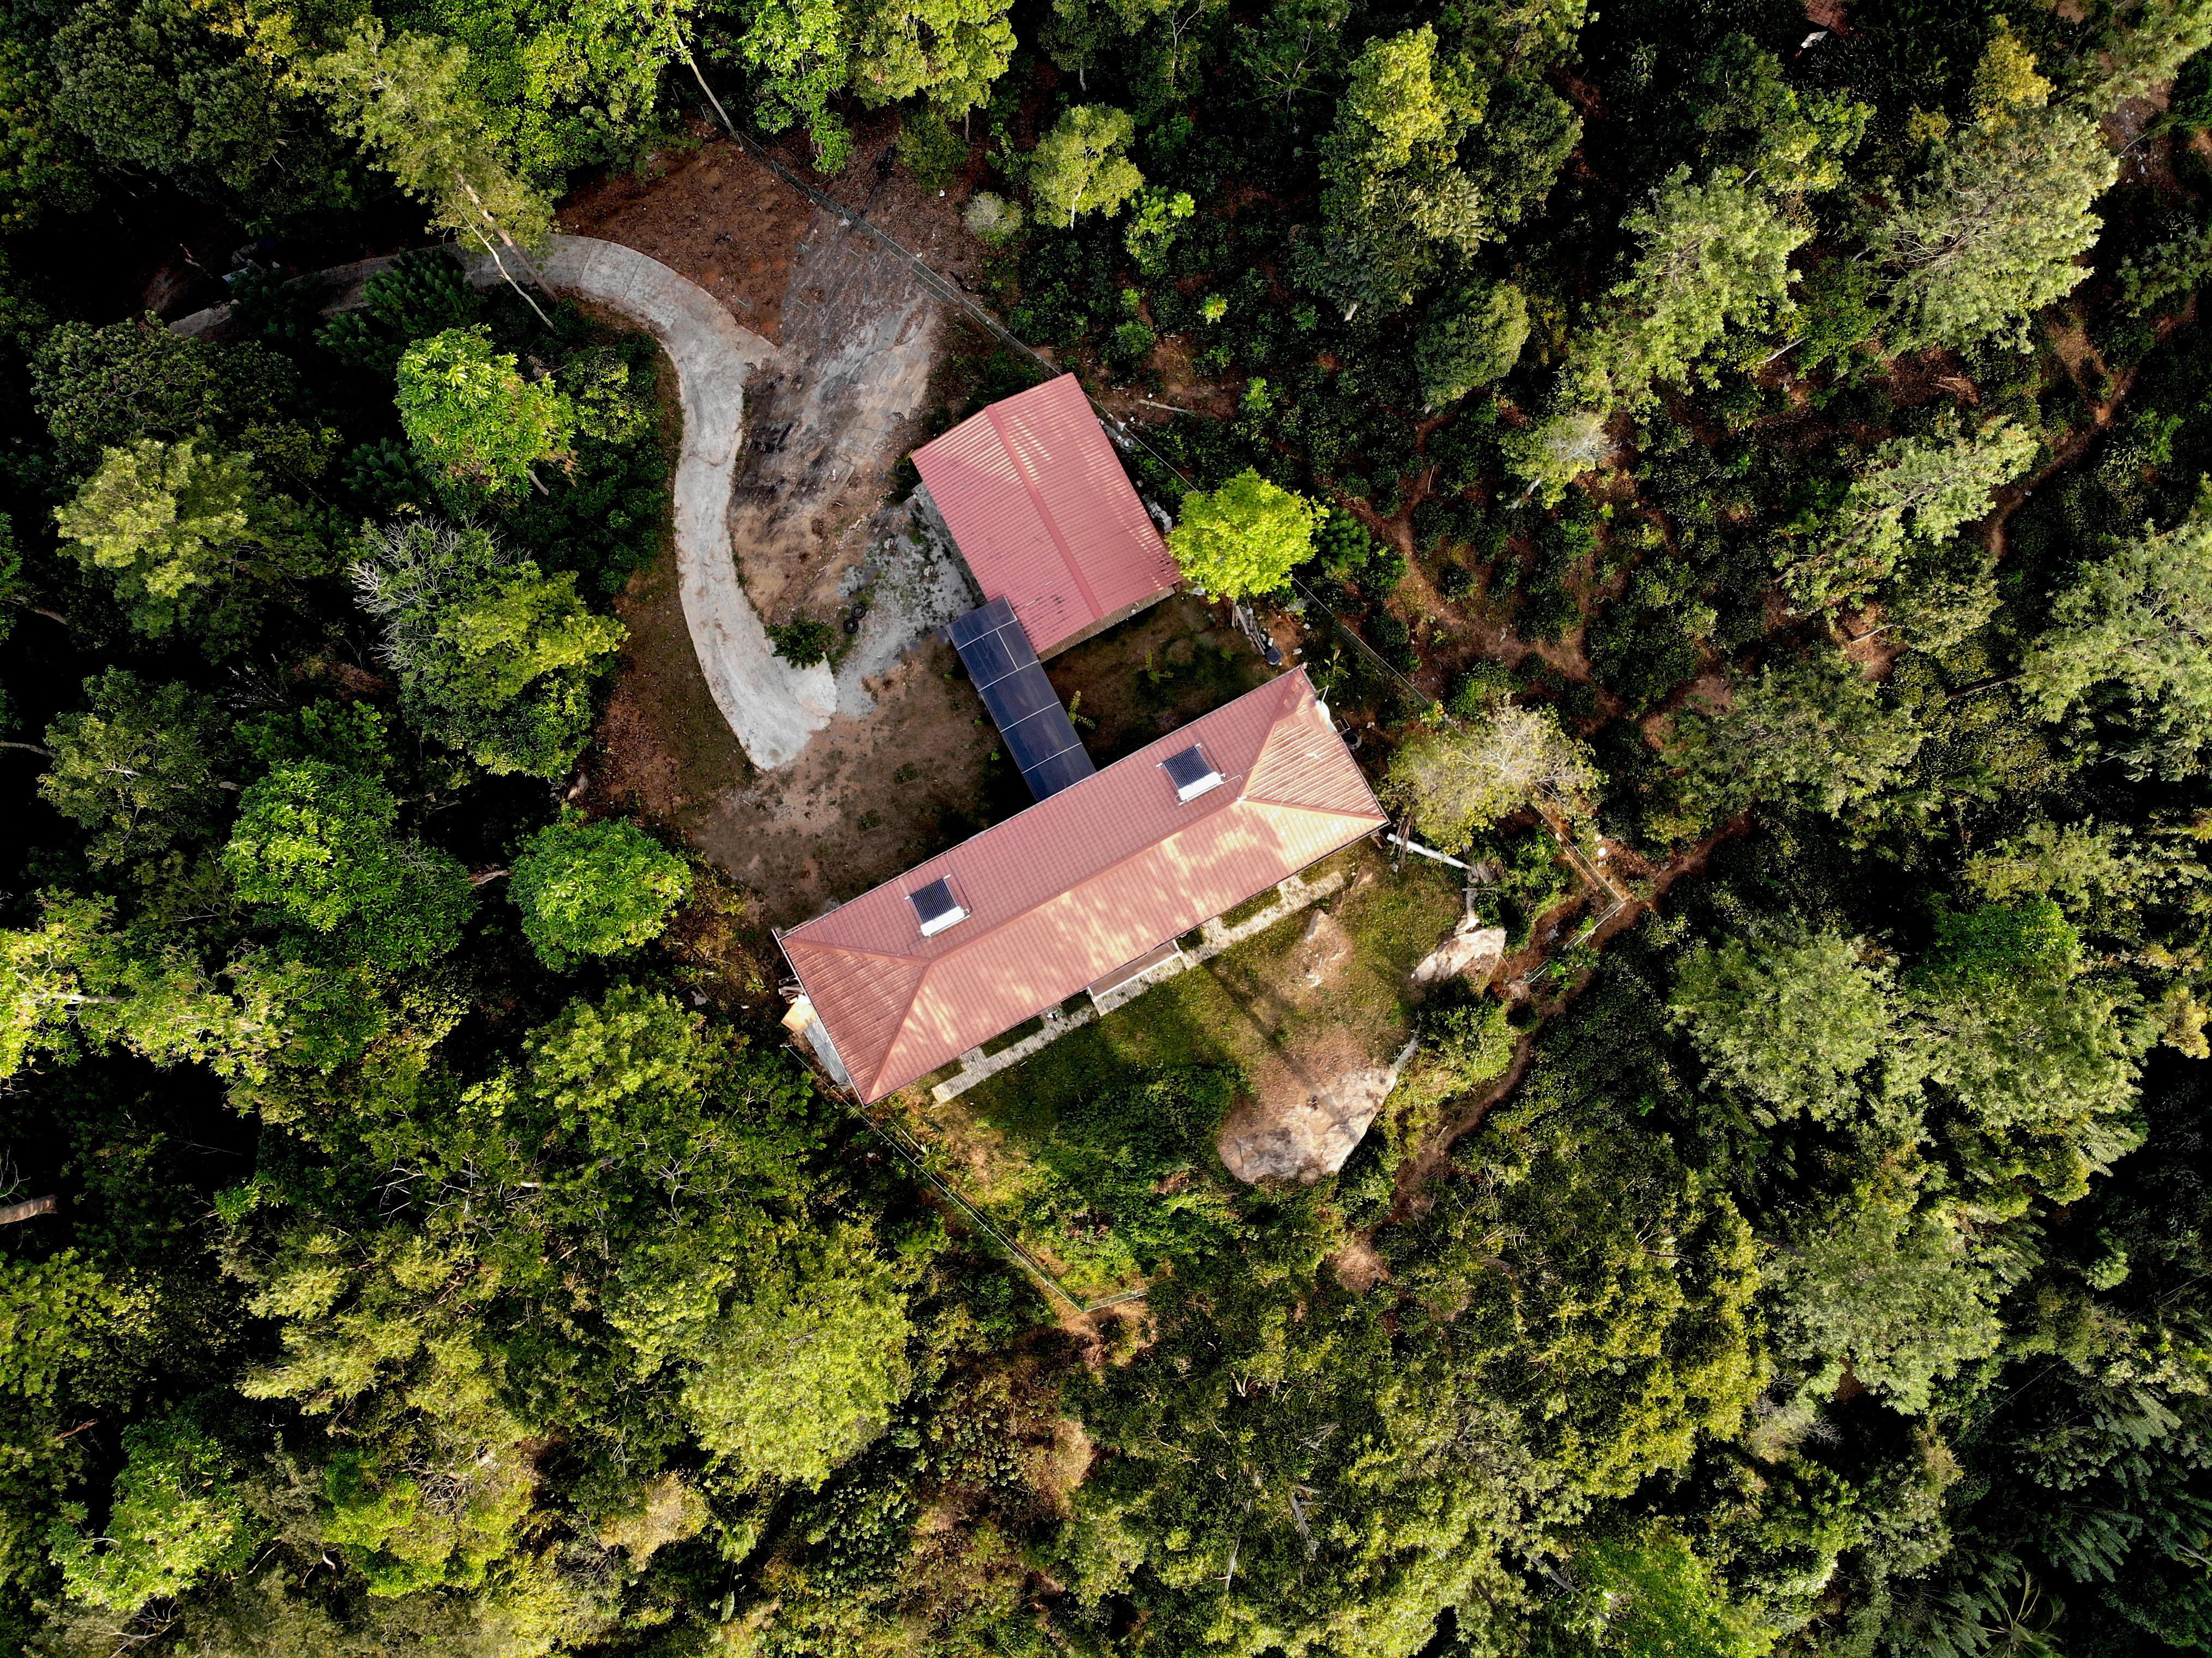 The Fortress,Balumgala, a hidden gem